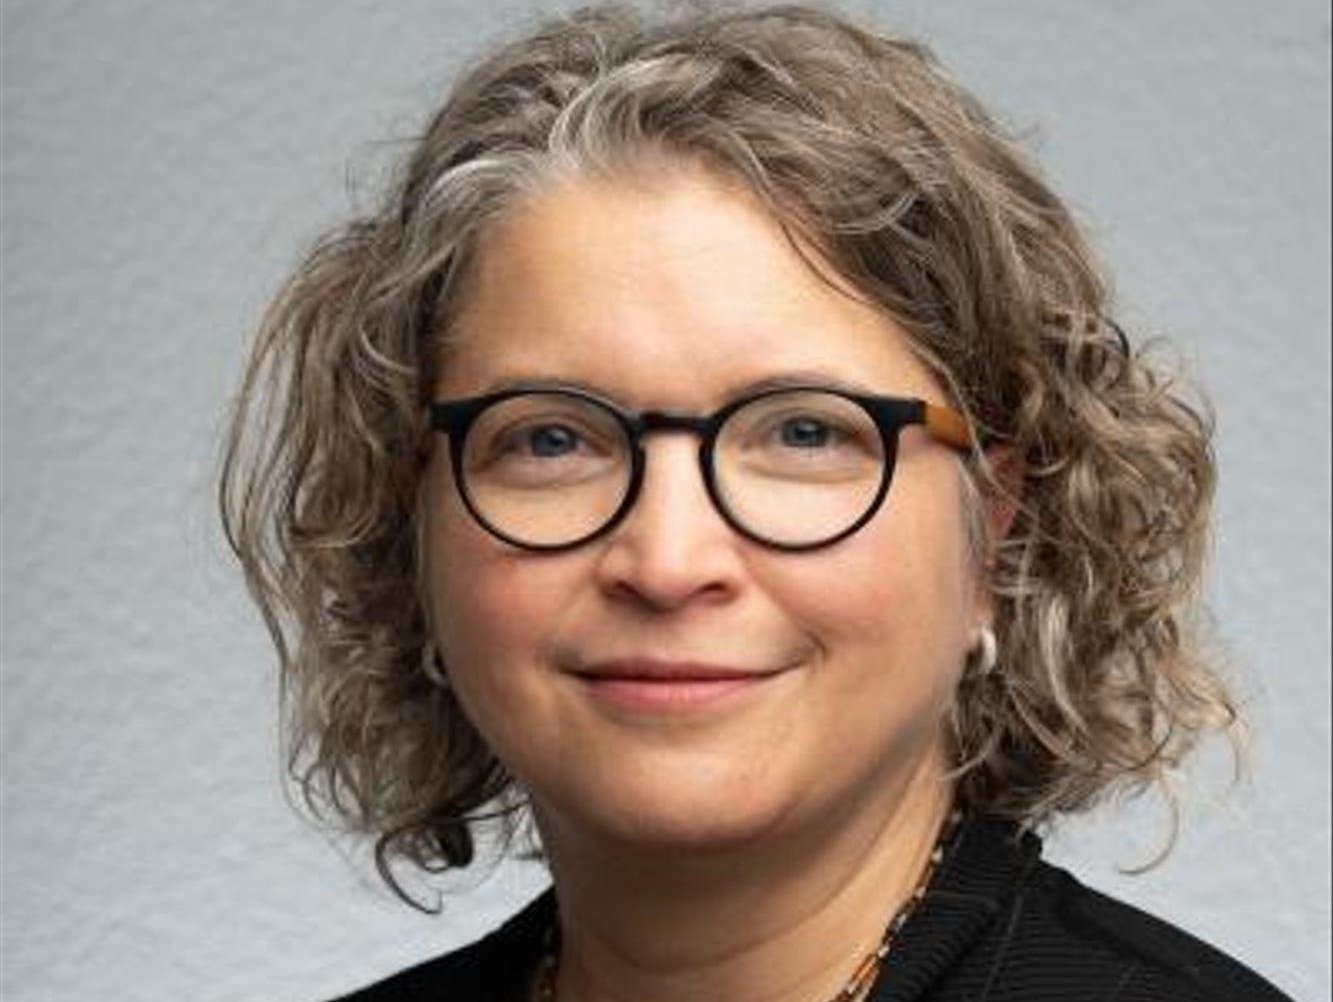 Samia Hurst-Majno48, Bioethikerin Universität GenfDie Vizepräsidentin der Taskforce leitet die Expertengruppe für Ethik, Recht, und Soziales. Eine der präsentesten Corona-Expertinnen in der Romandie.